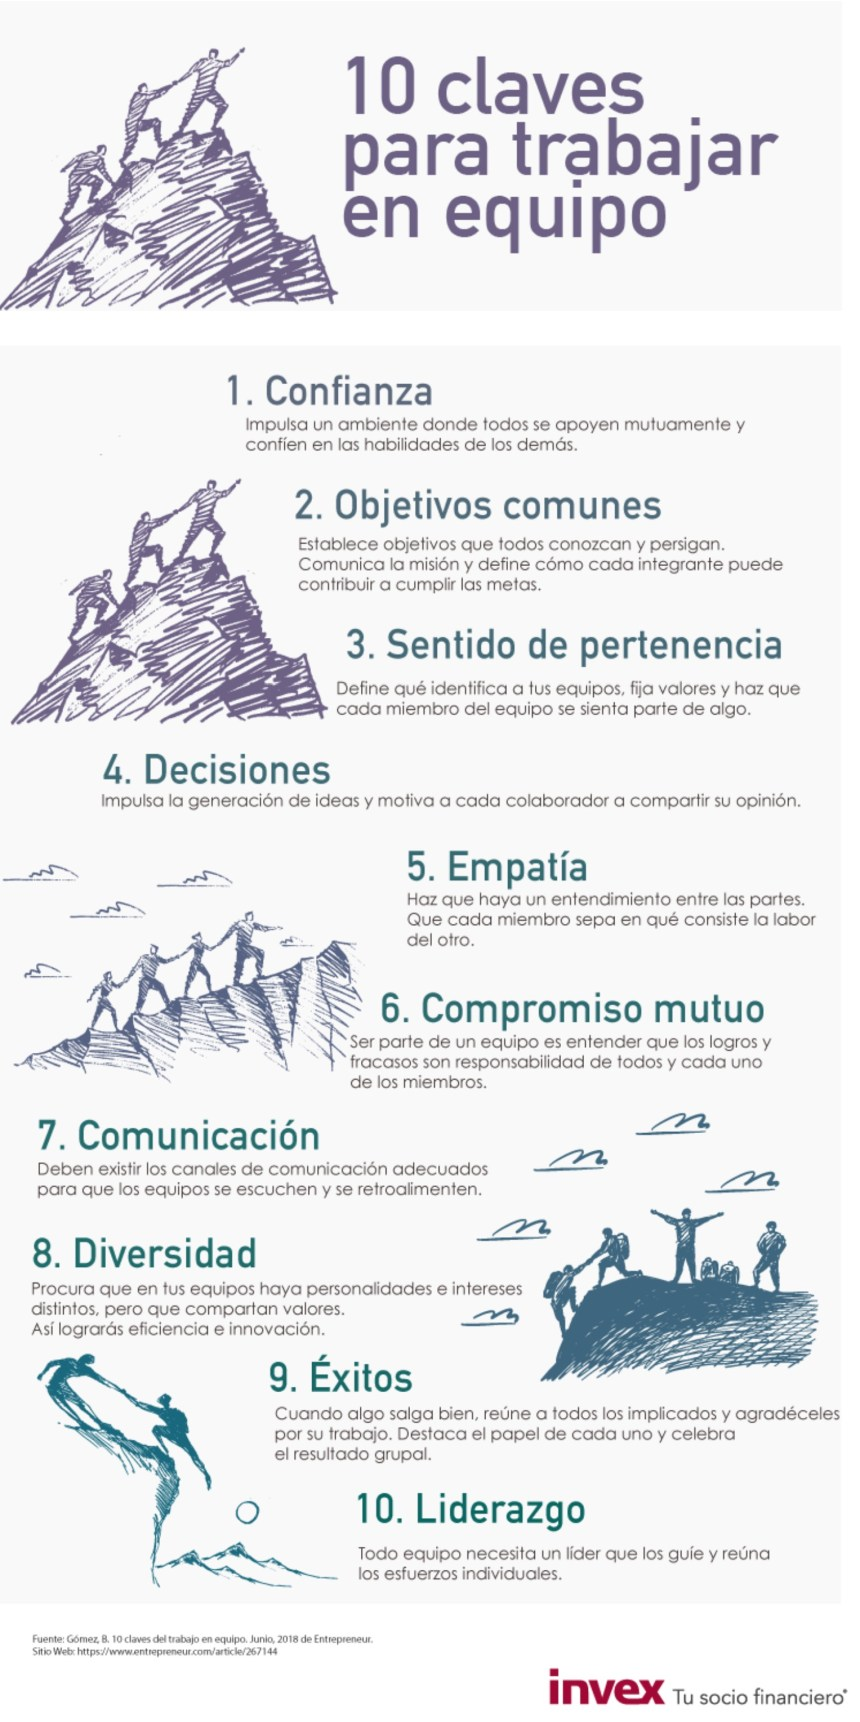 10 claves para trabajar en equipo